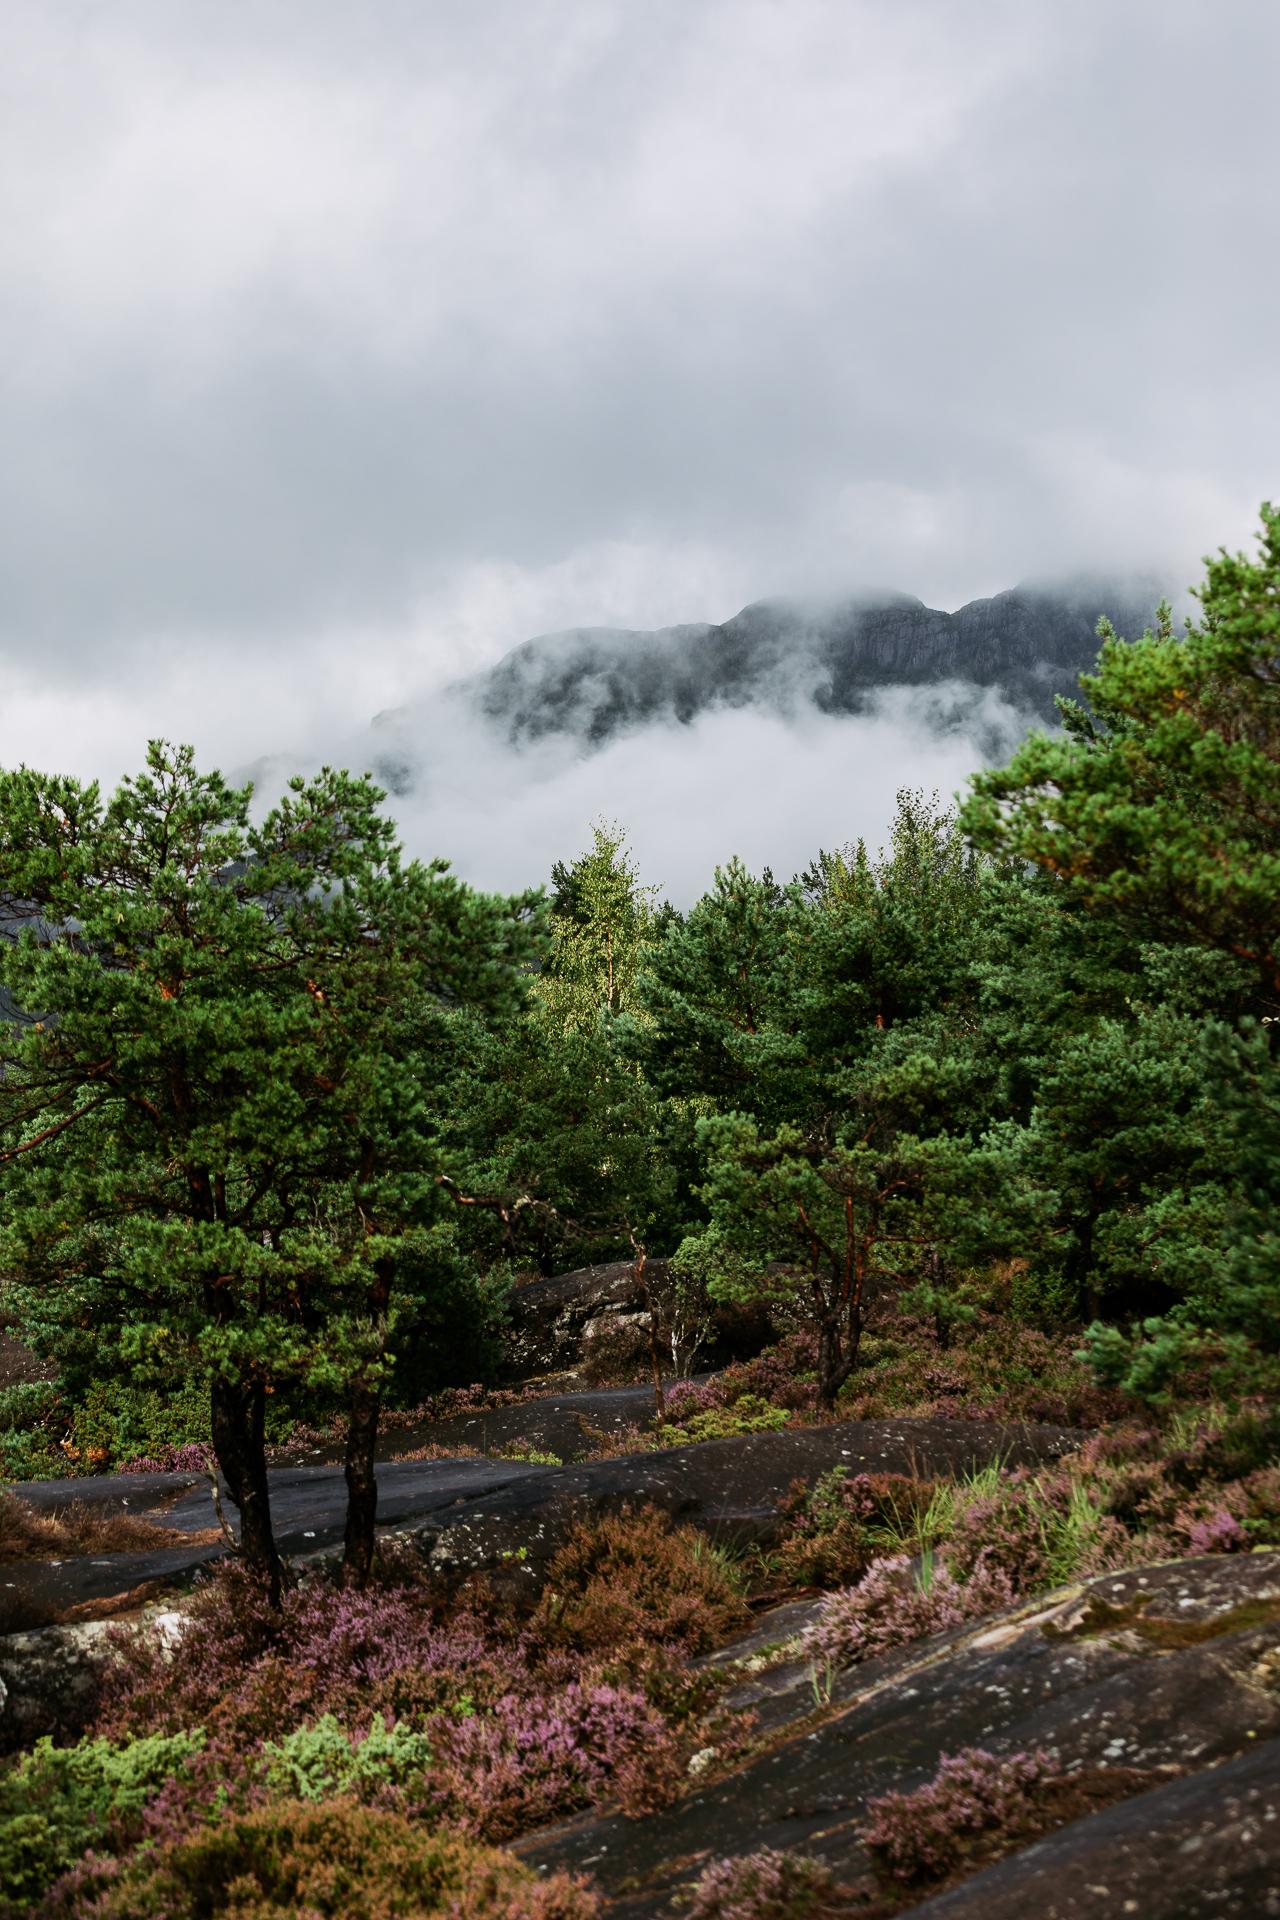 20190822_1538_Norwegen_0000001297